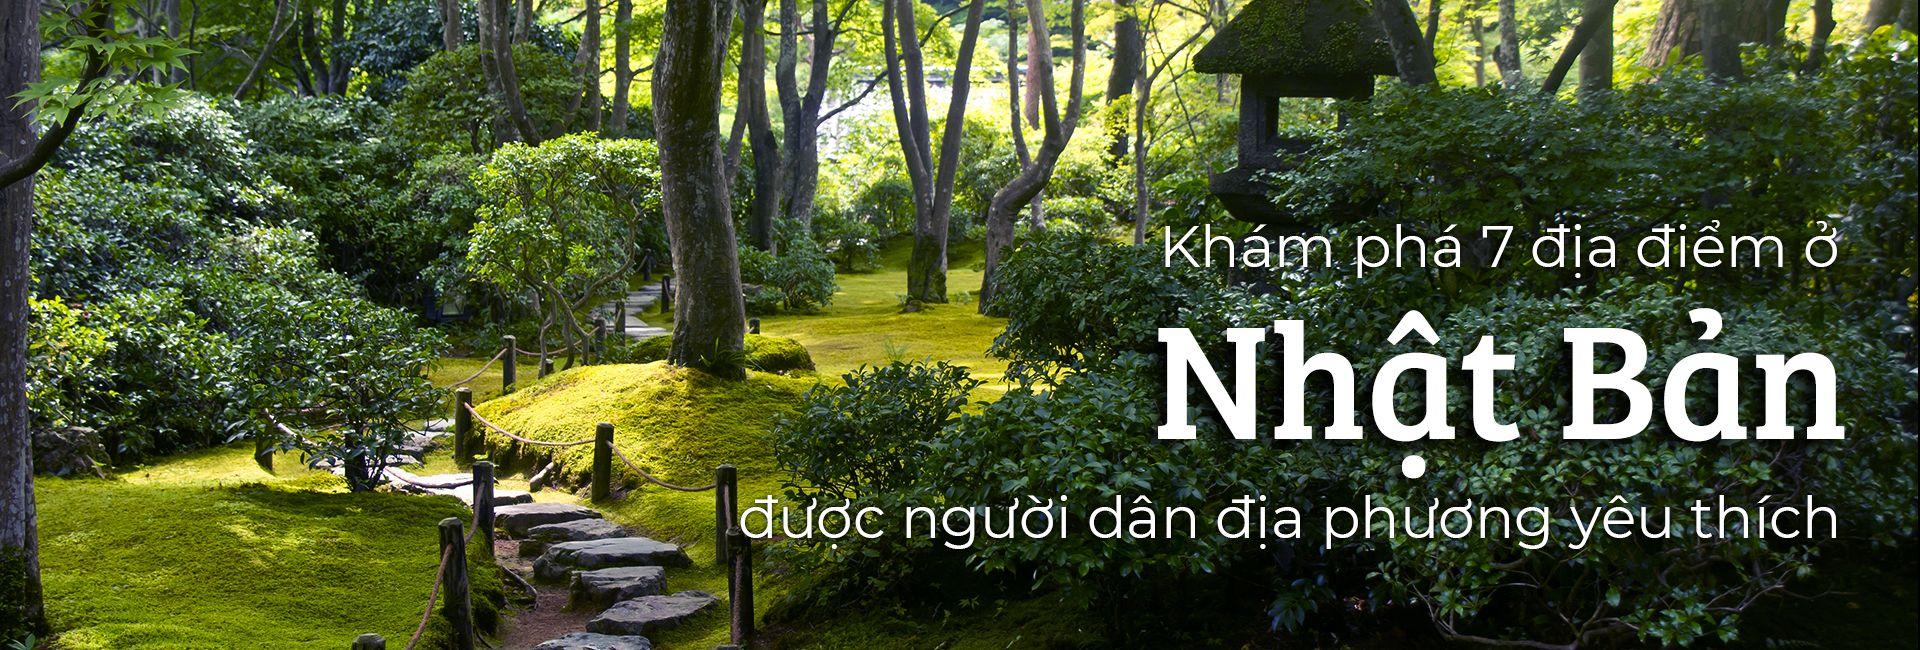 Top 7 địa điểm ở Nhật Bản được người dân địa phương yêu thích